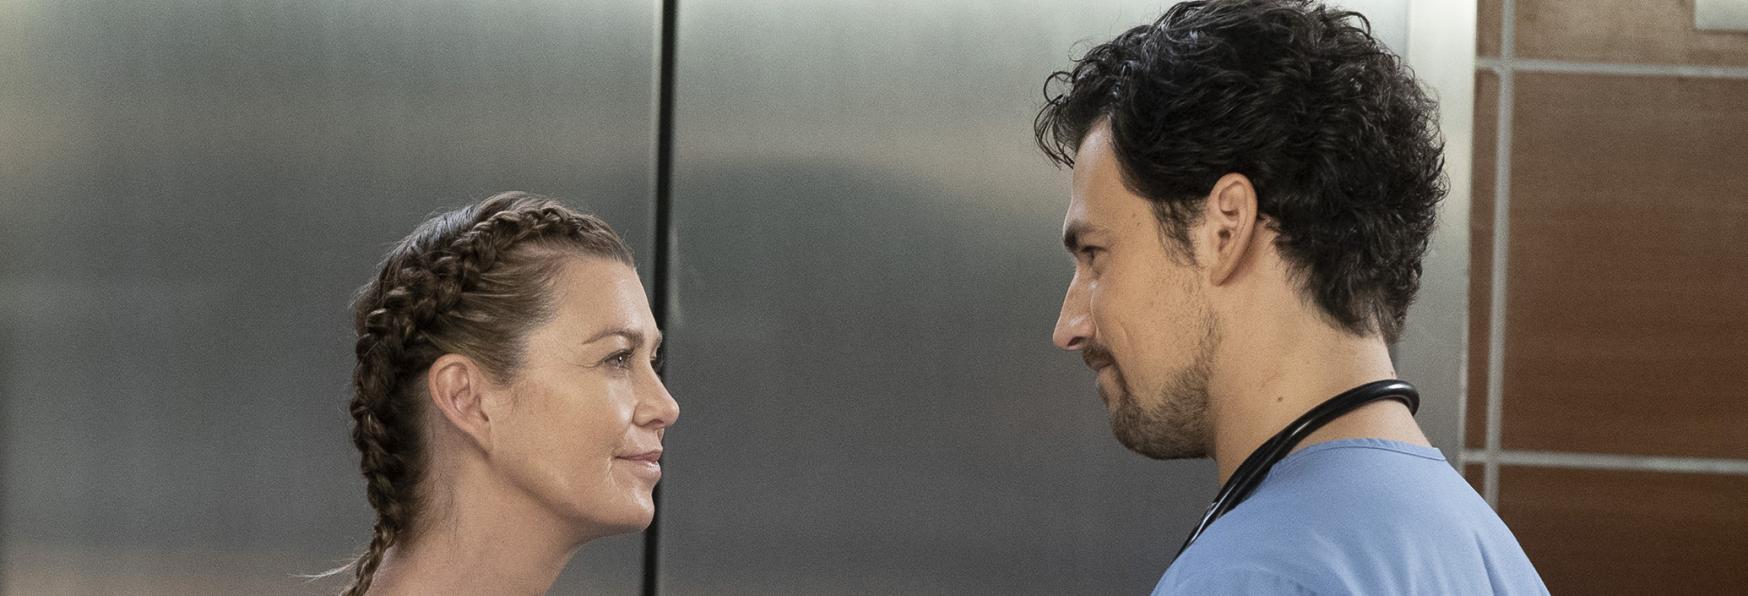 Grey's Anatomy 17: Ellen Pompeo pubblica una Foto dal Set. Ricominciano le Riprese!